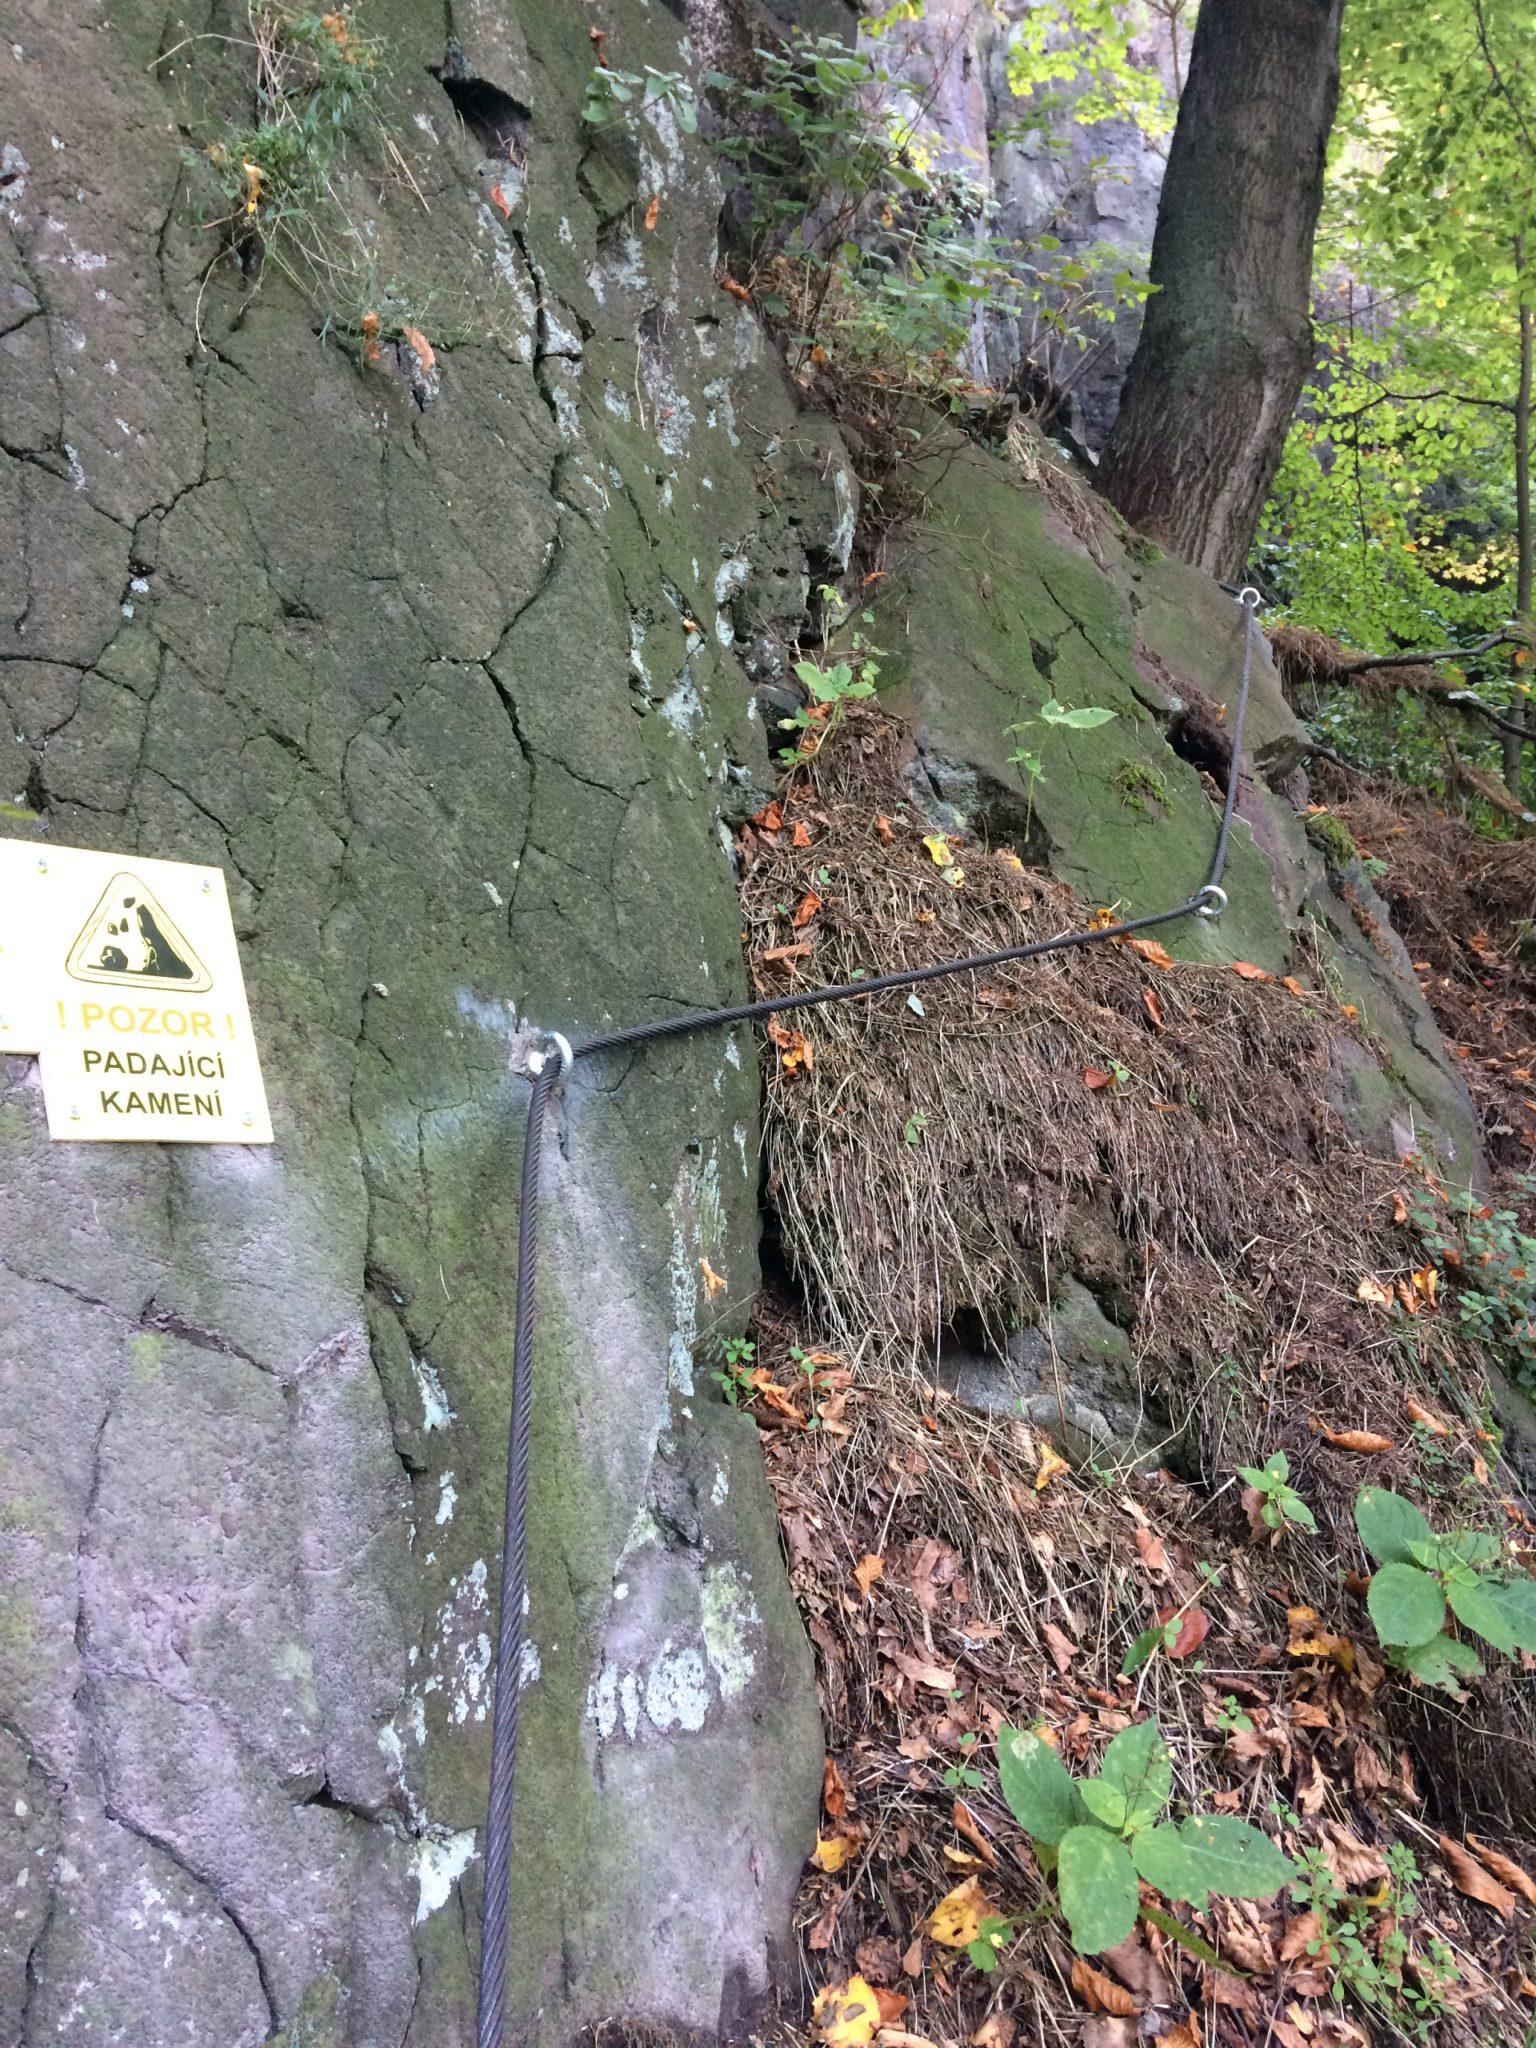 Začátek via ferraty Lužická spojka mezi stromy, pohled na skálu s fixním jištěním